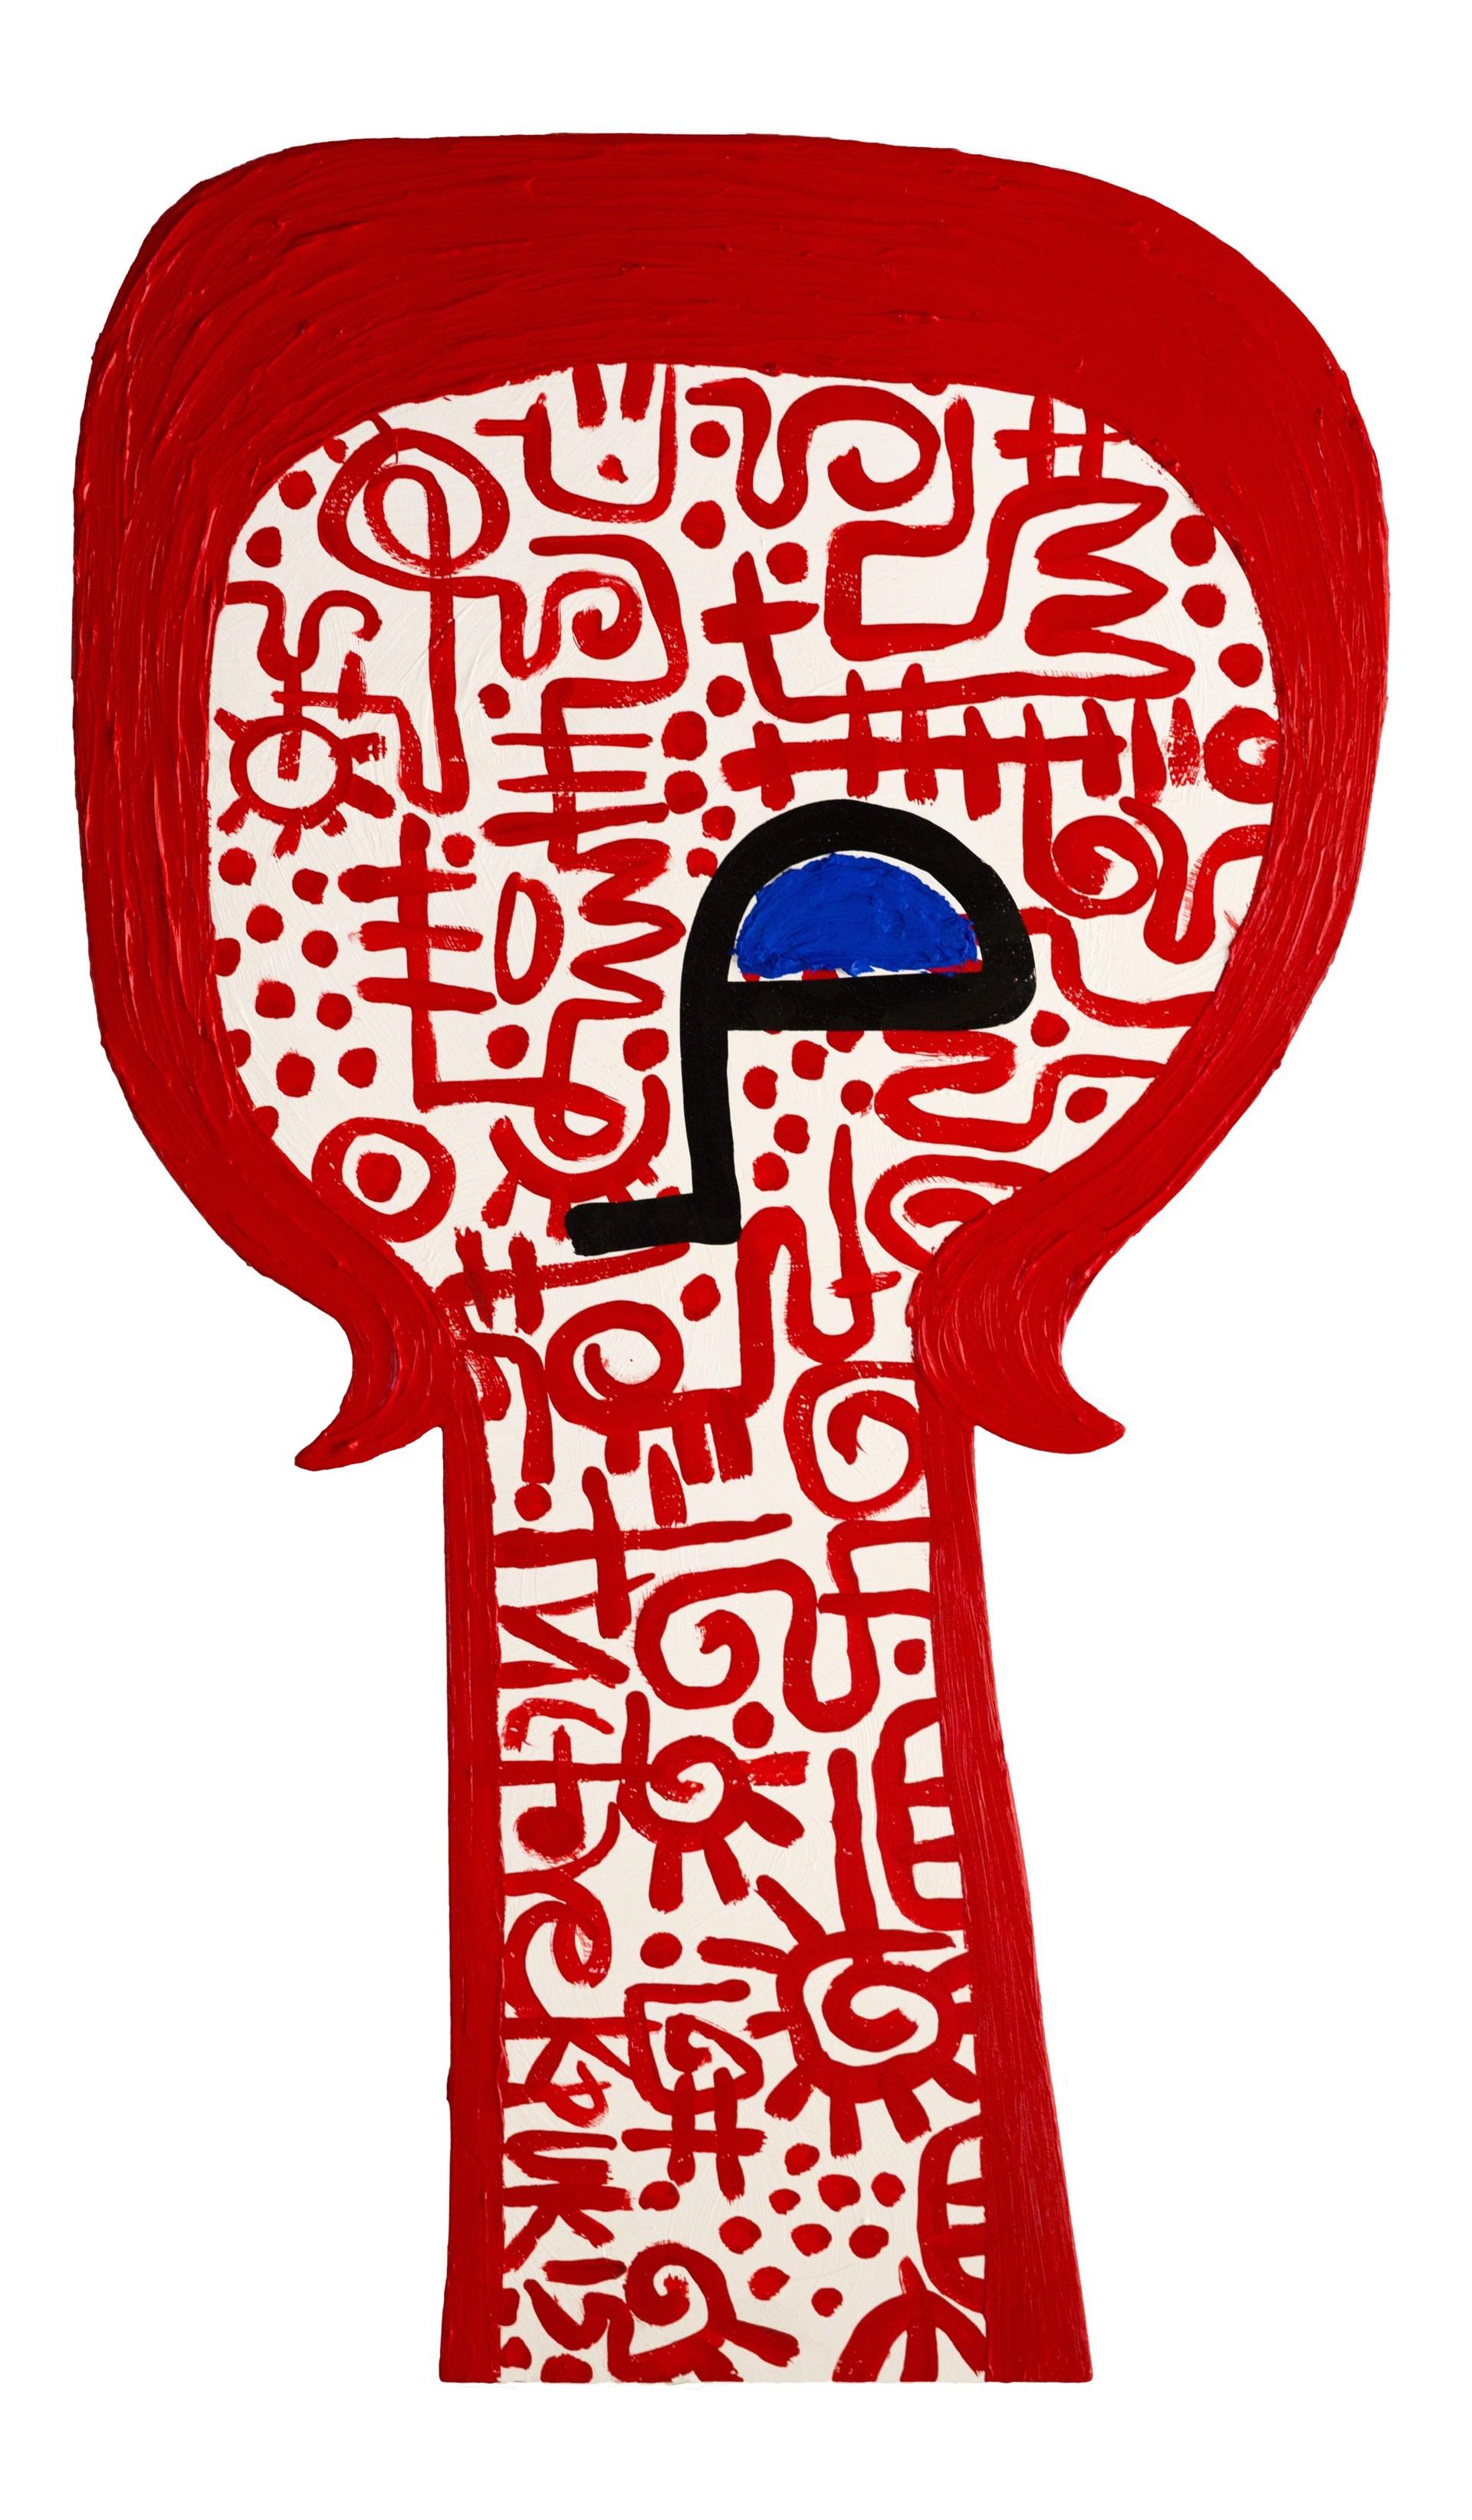 Head 7 by Victor Ekpuk